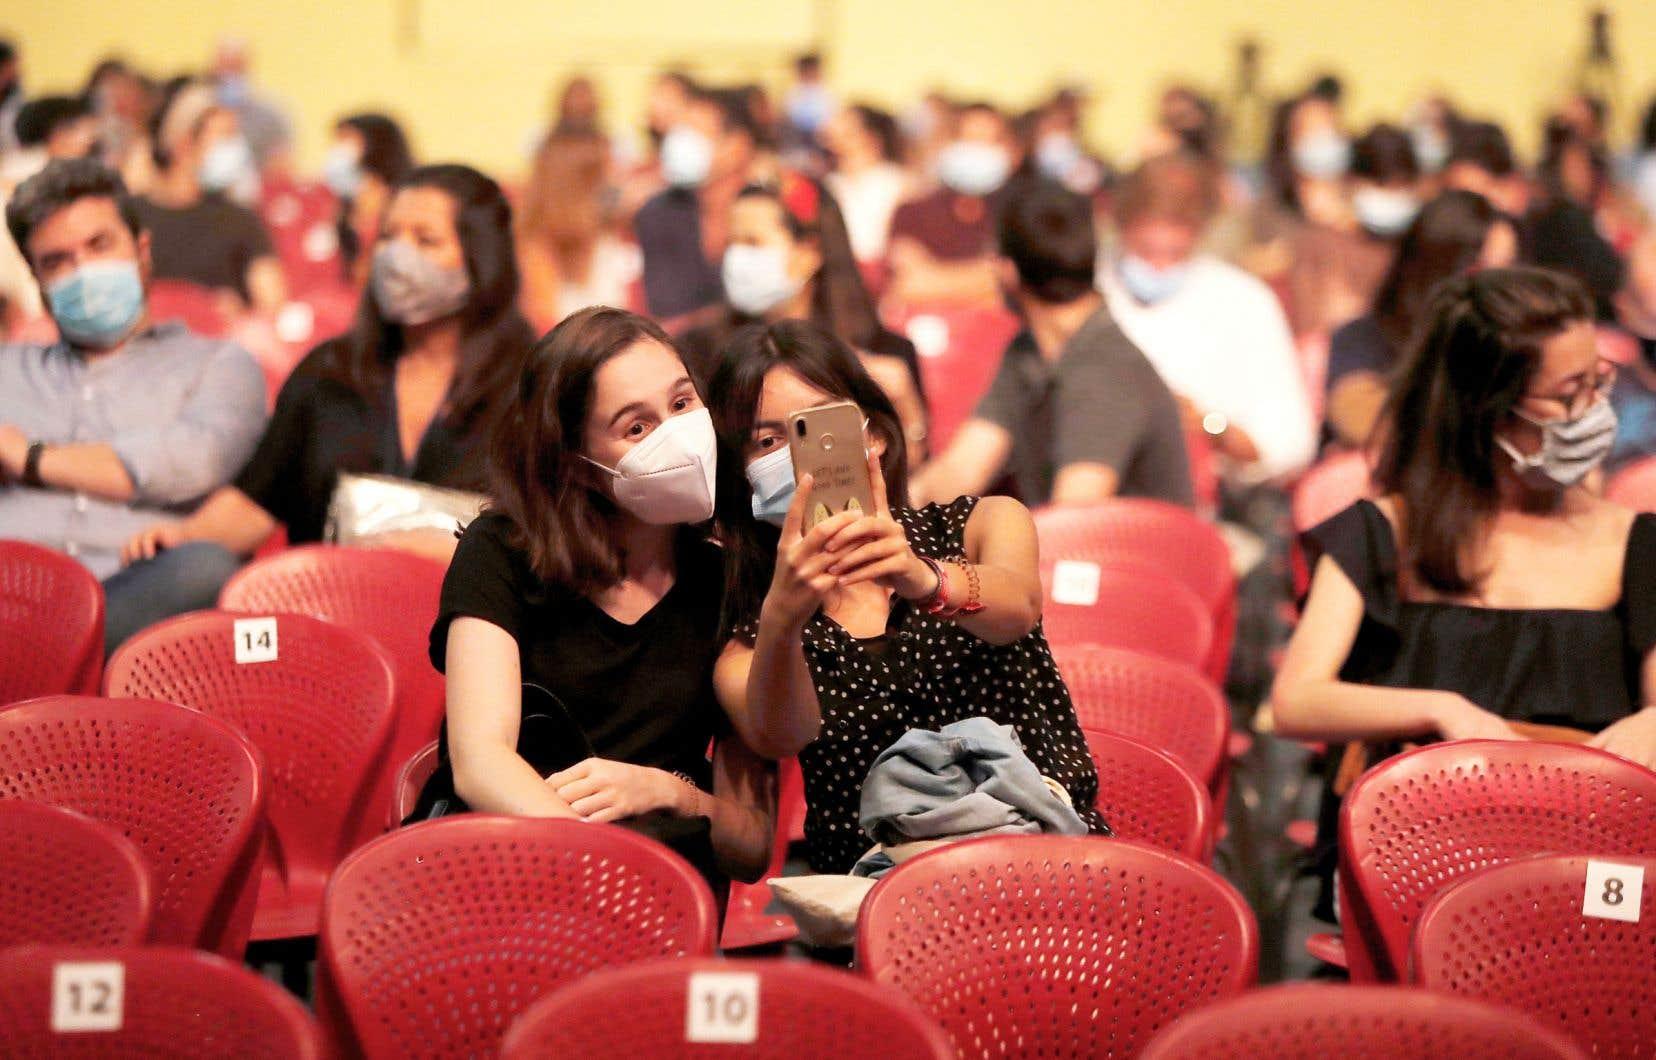 Selon les chercheurs, à une ventilation adéquate, un plan de salle tenant compte de la distanciation physique et un public assis s'ajoute une recommandation qui se démarque: «le masque doit être porté à tout moment en position assise».